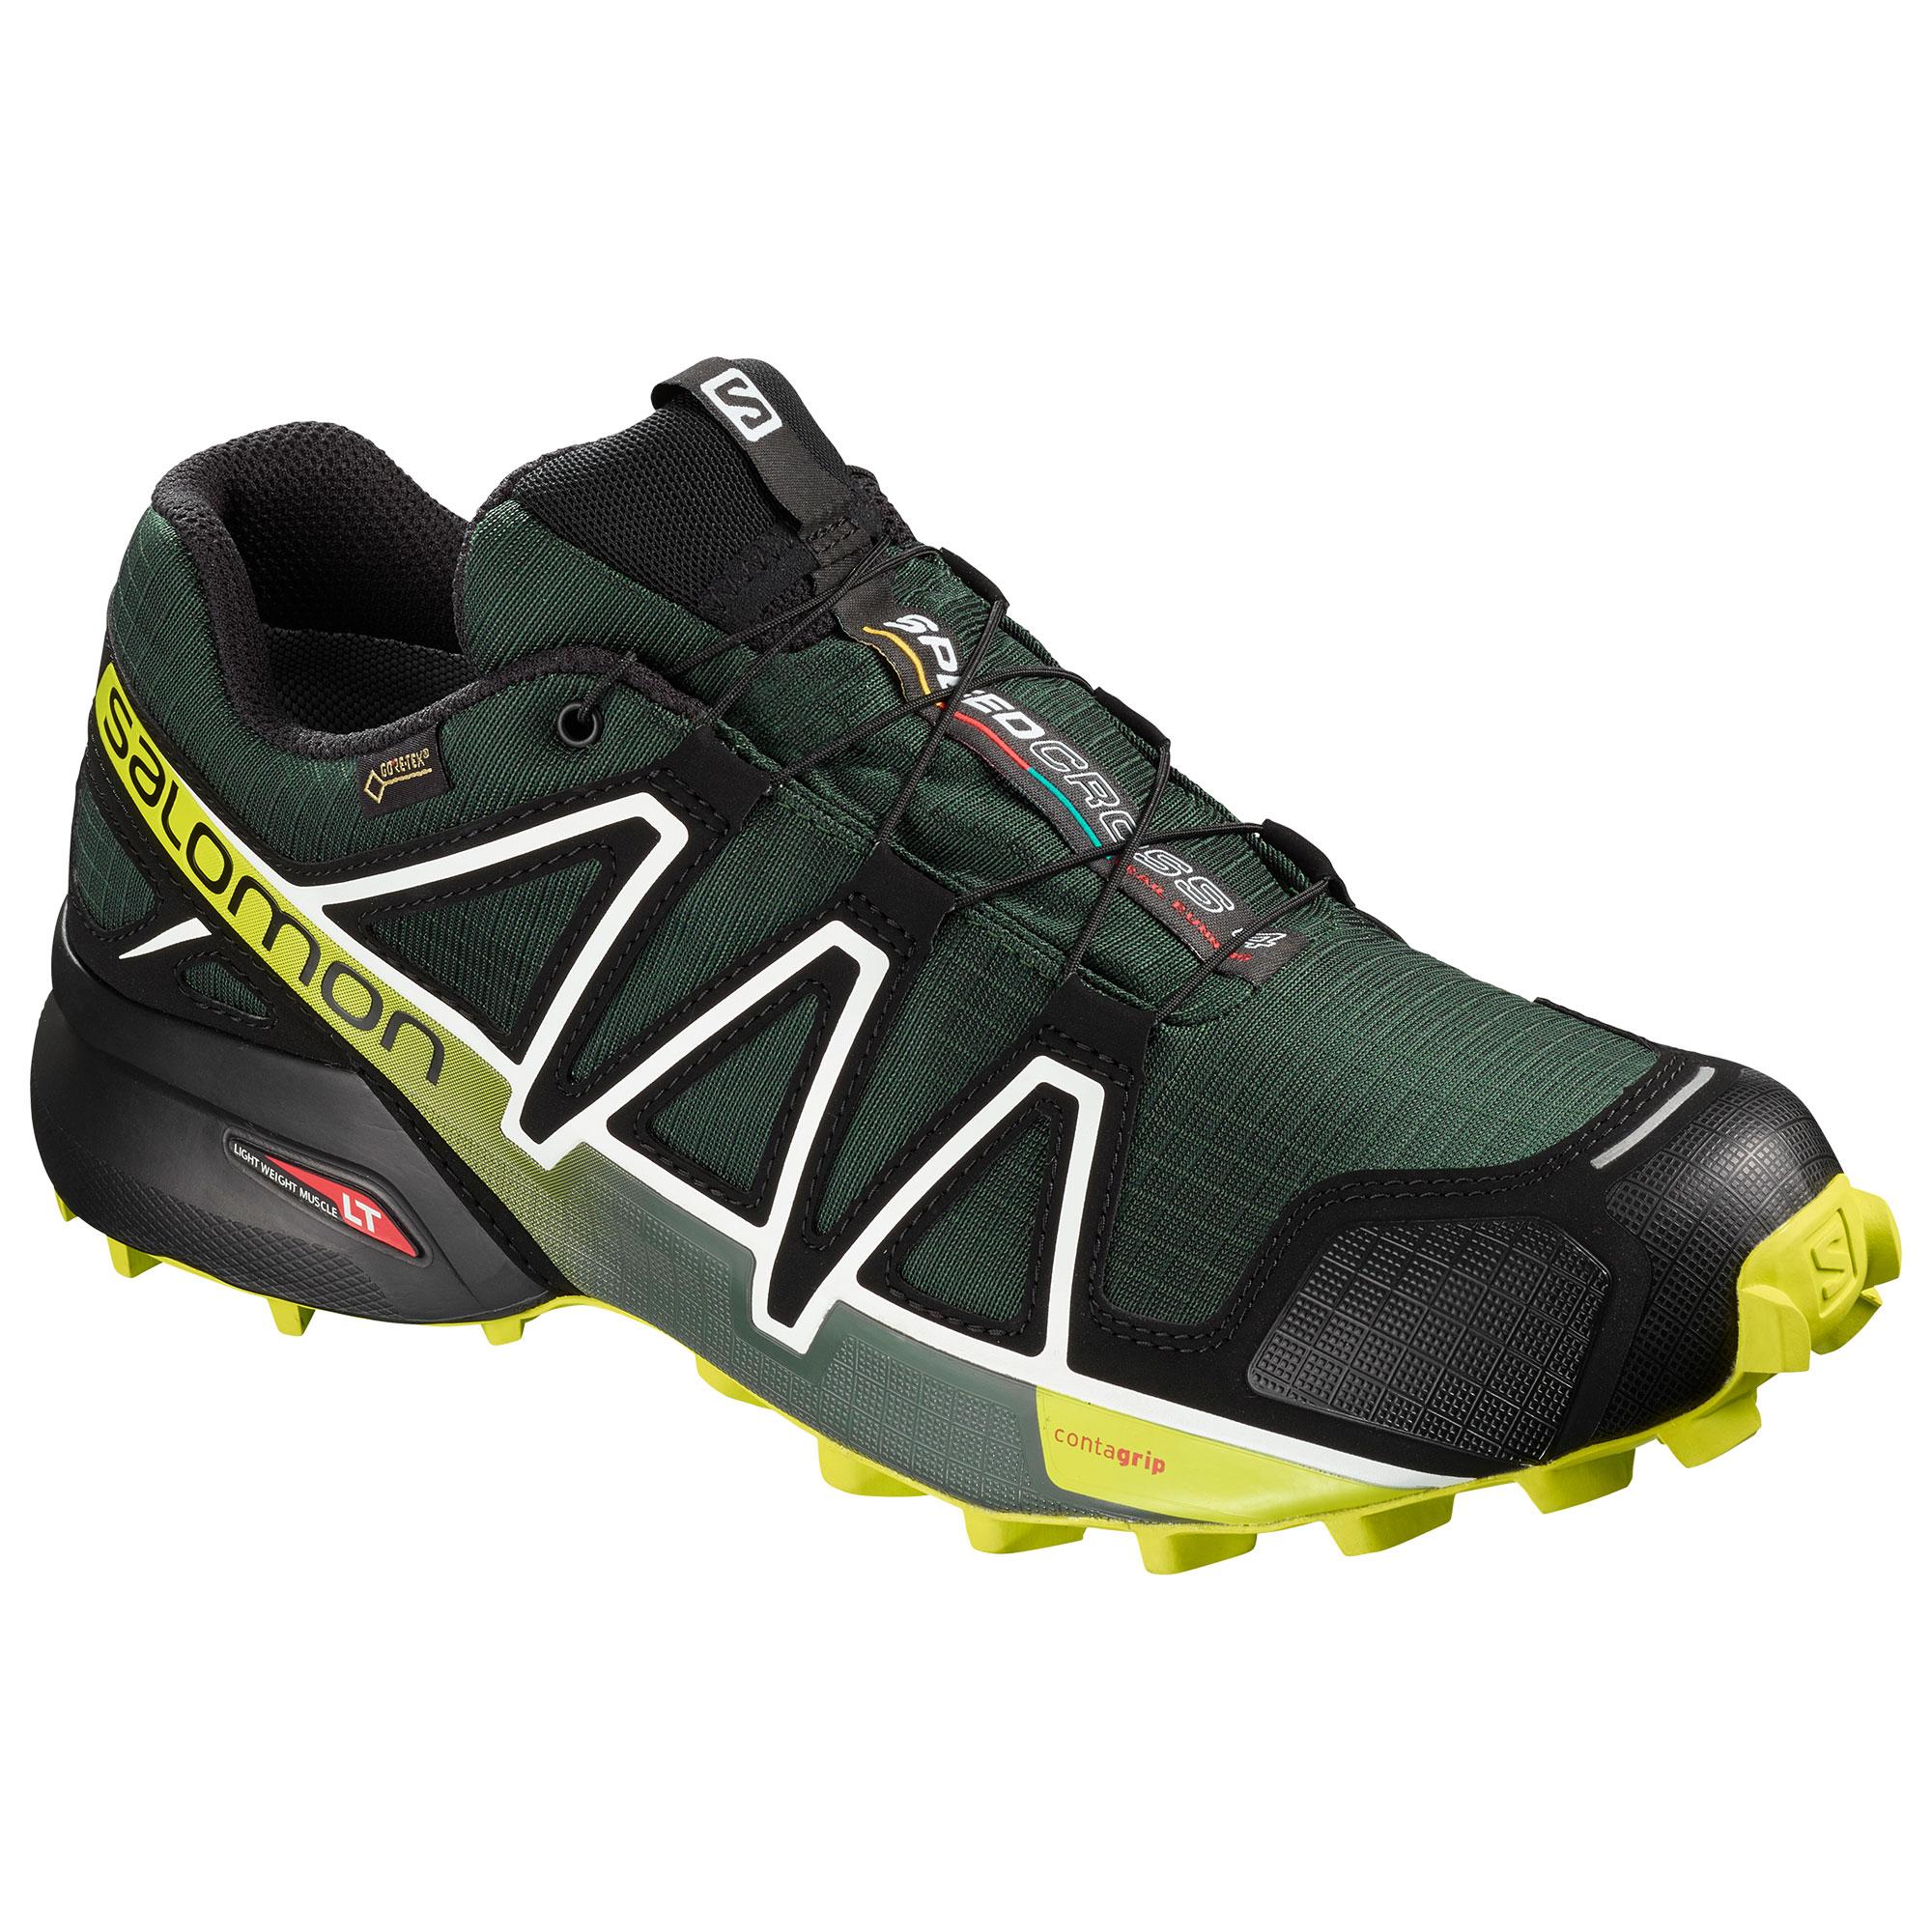 1baf39f4aae Salomon Speedcross 4 GTX Trail Running Shoe - Men's w/ Free Shipping — 29  models